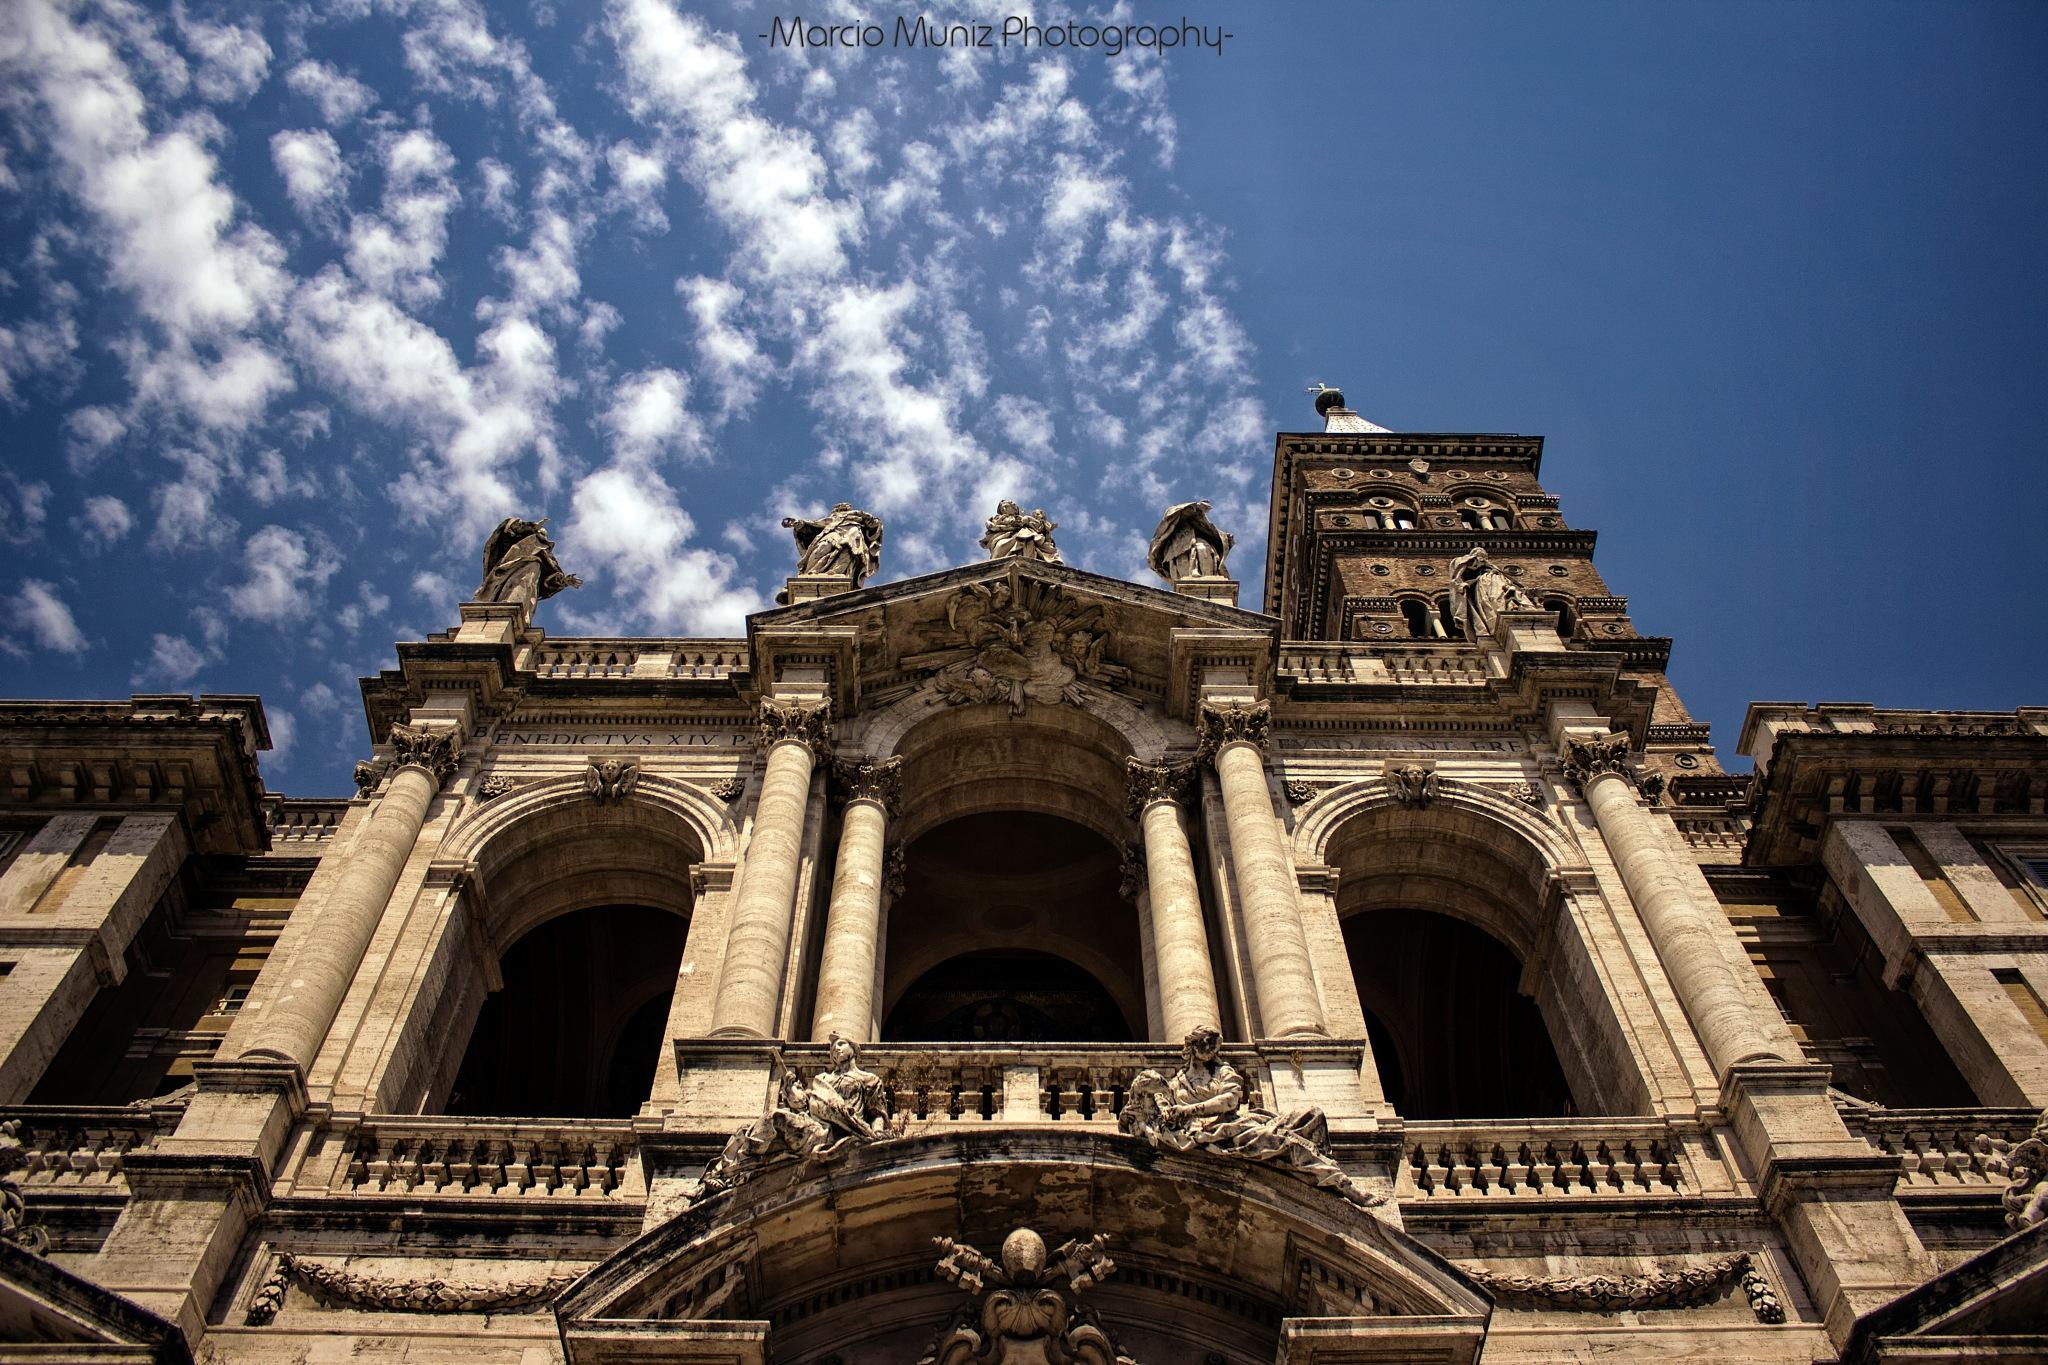 Basílica de Santa Prassede. by Marcio Muniz